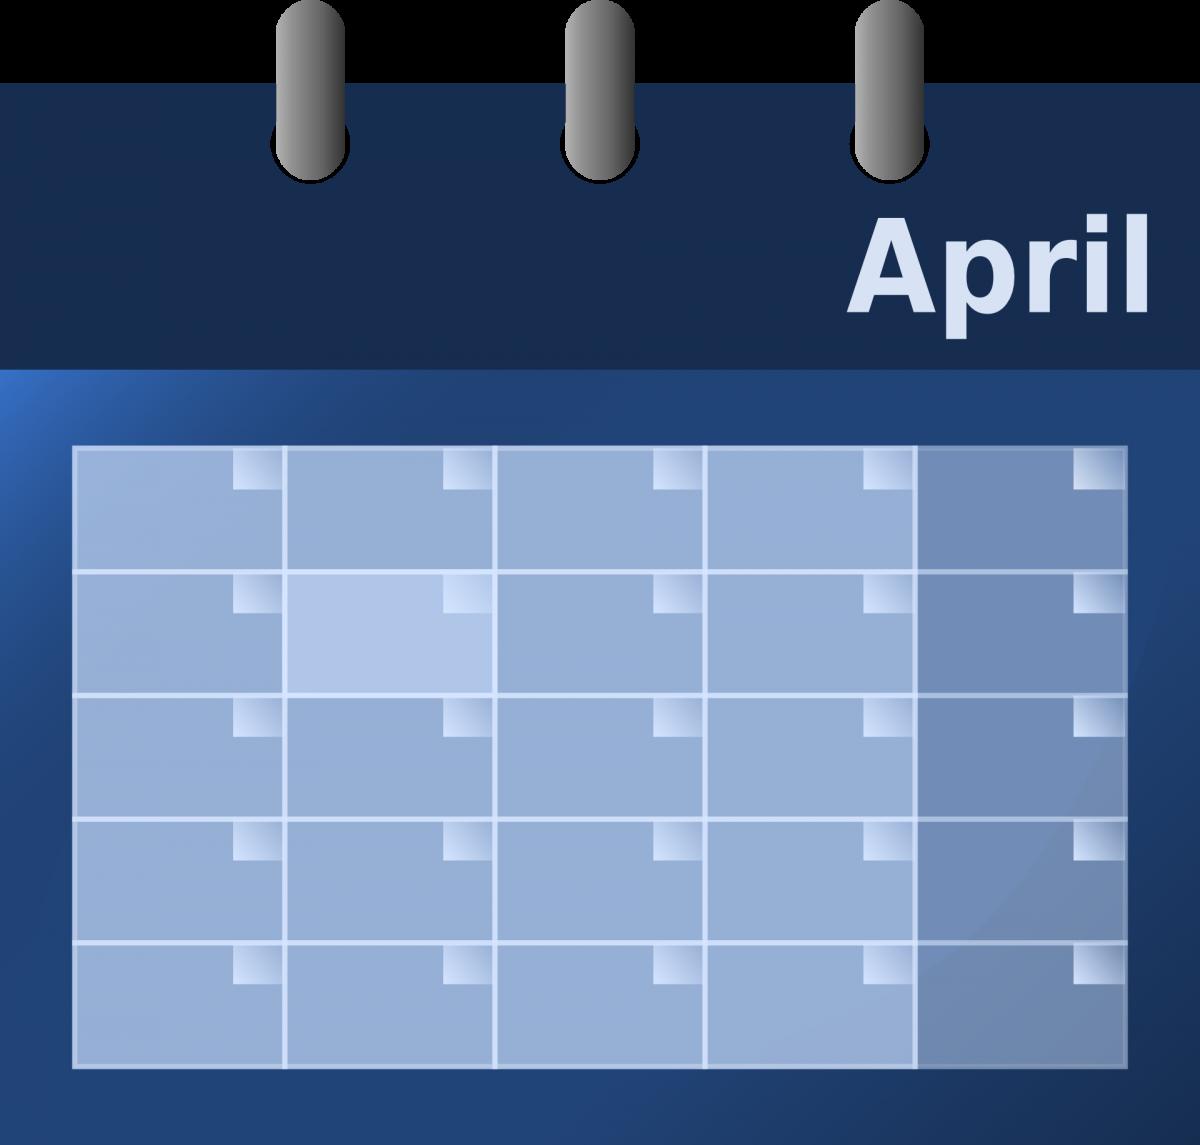 【春土用】2021年4月の土用期間はいつから?間日についての記述あり